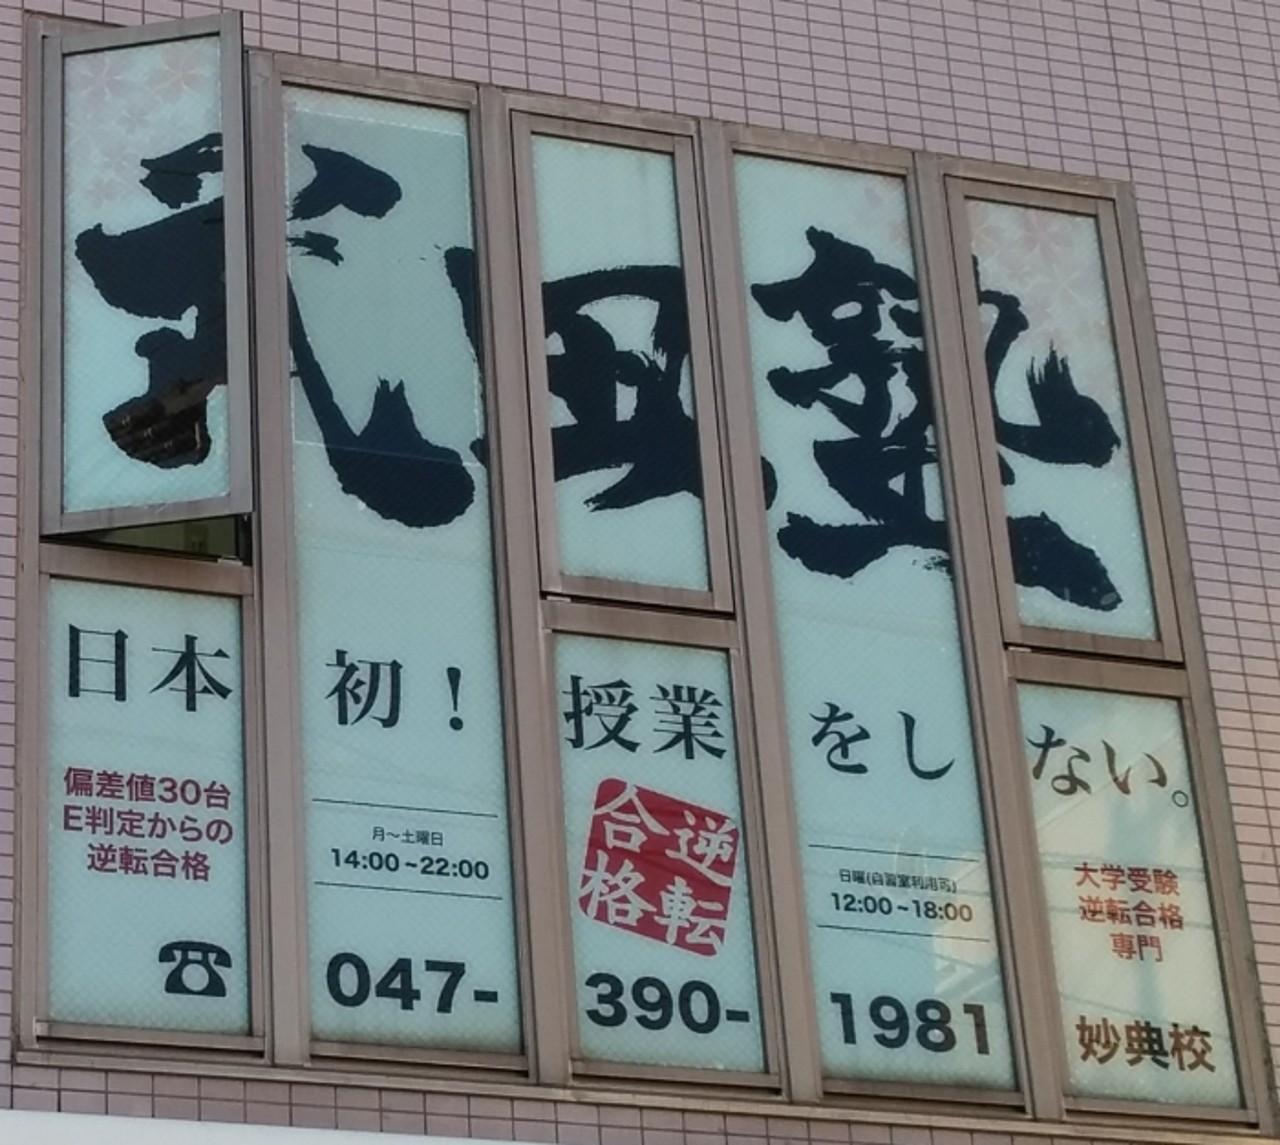 学部 一橋 大学 一橋大学と東京大学ってどっちのほうが難しいの?!